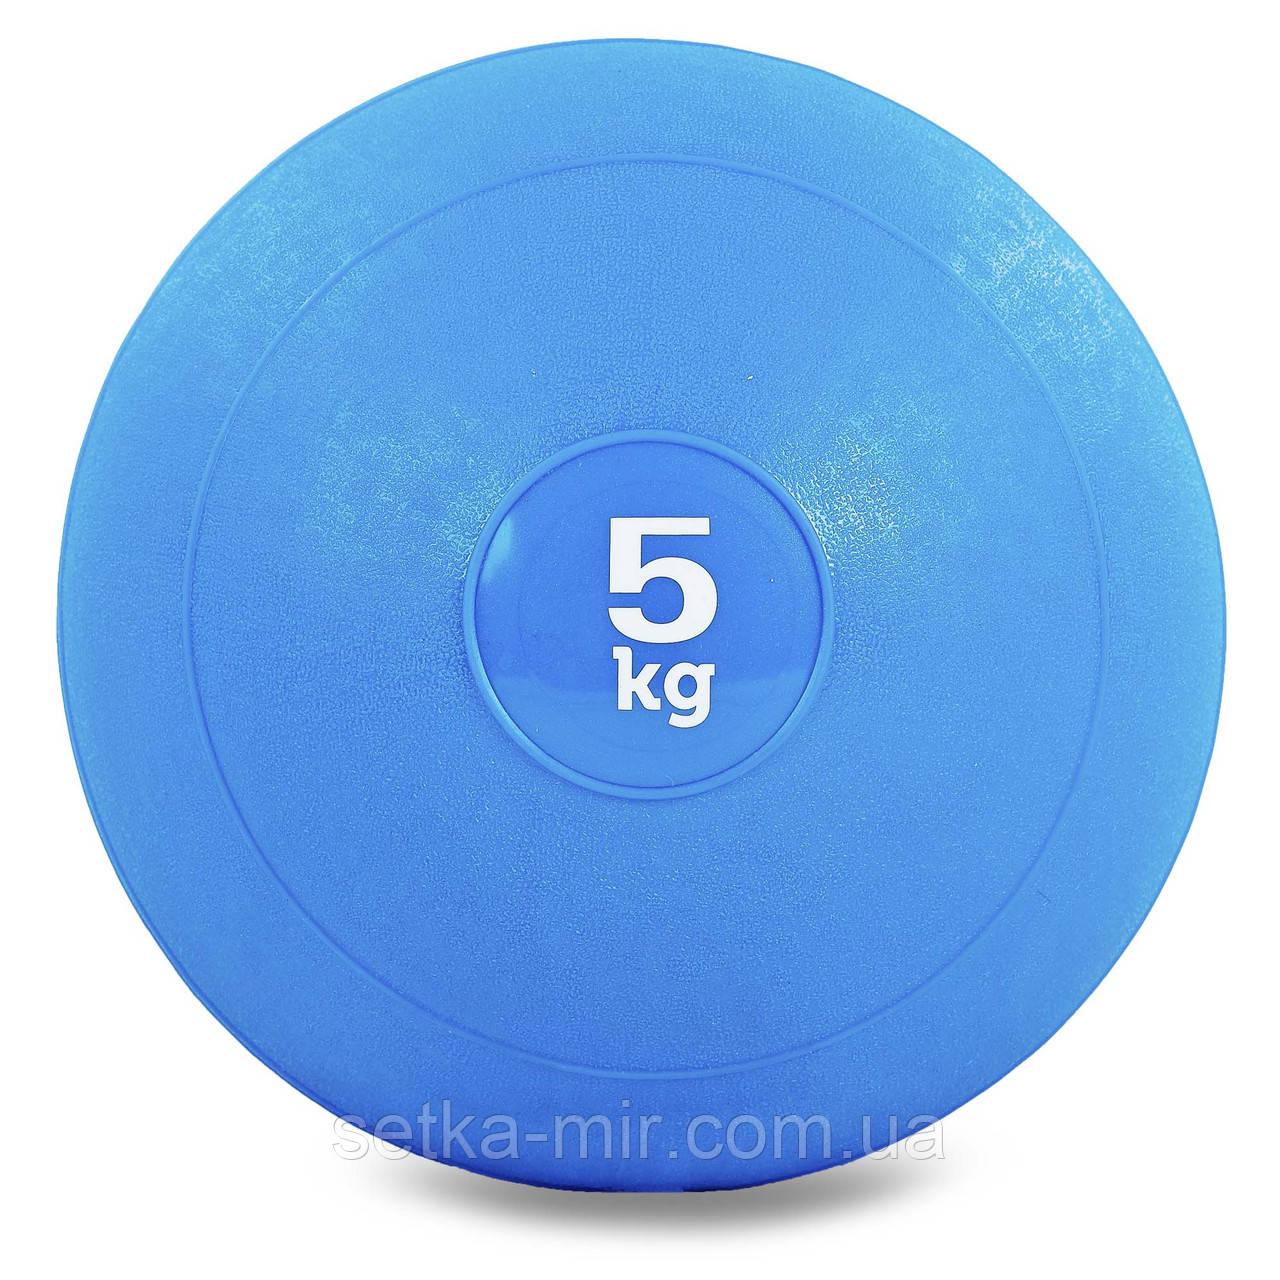 Мяч набивной слэмбол для кроссфита Record SLAM BALL FI-5165-5 5кг